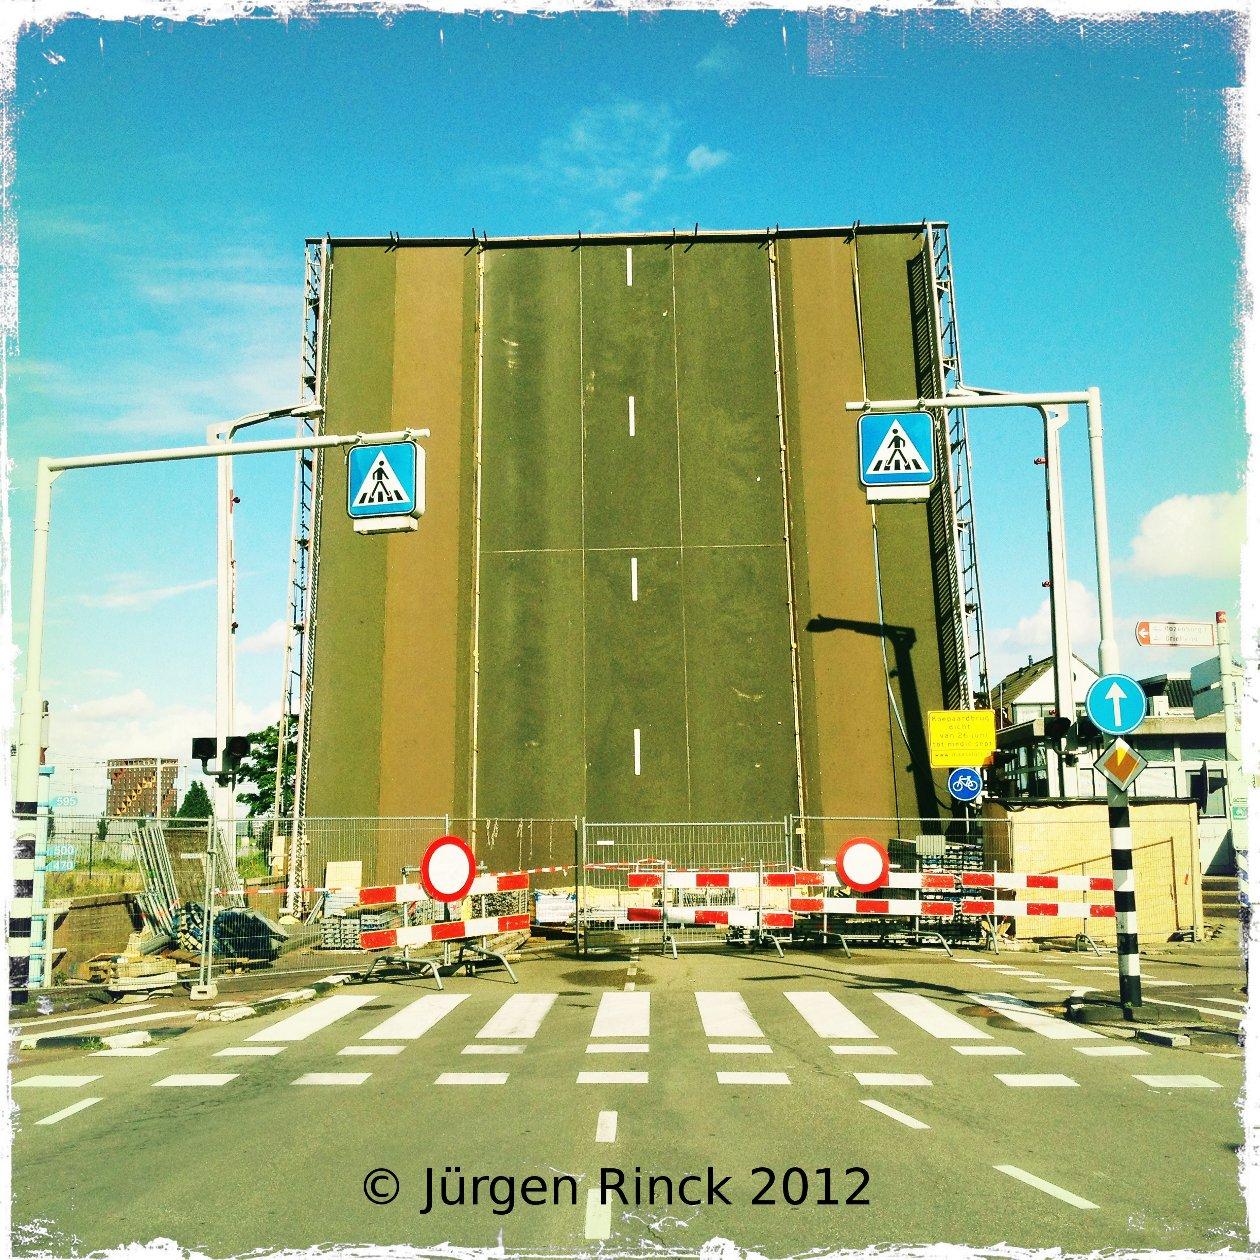 Senkrechtstraße